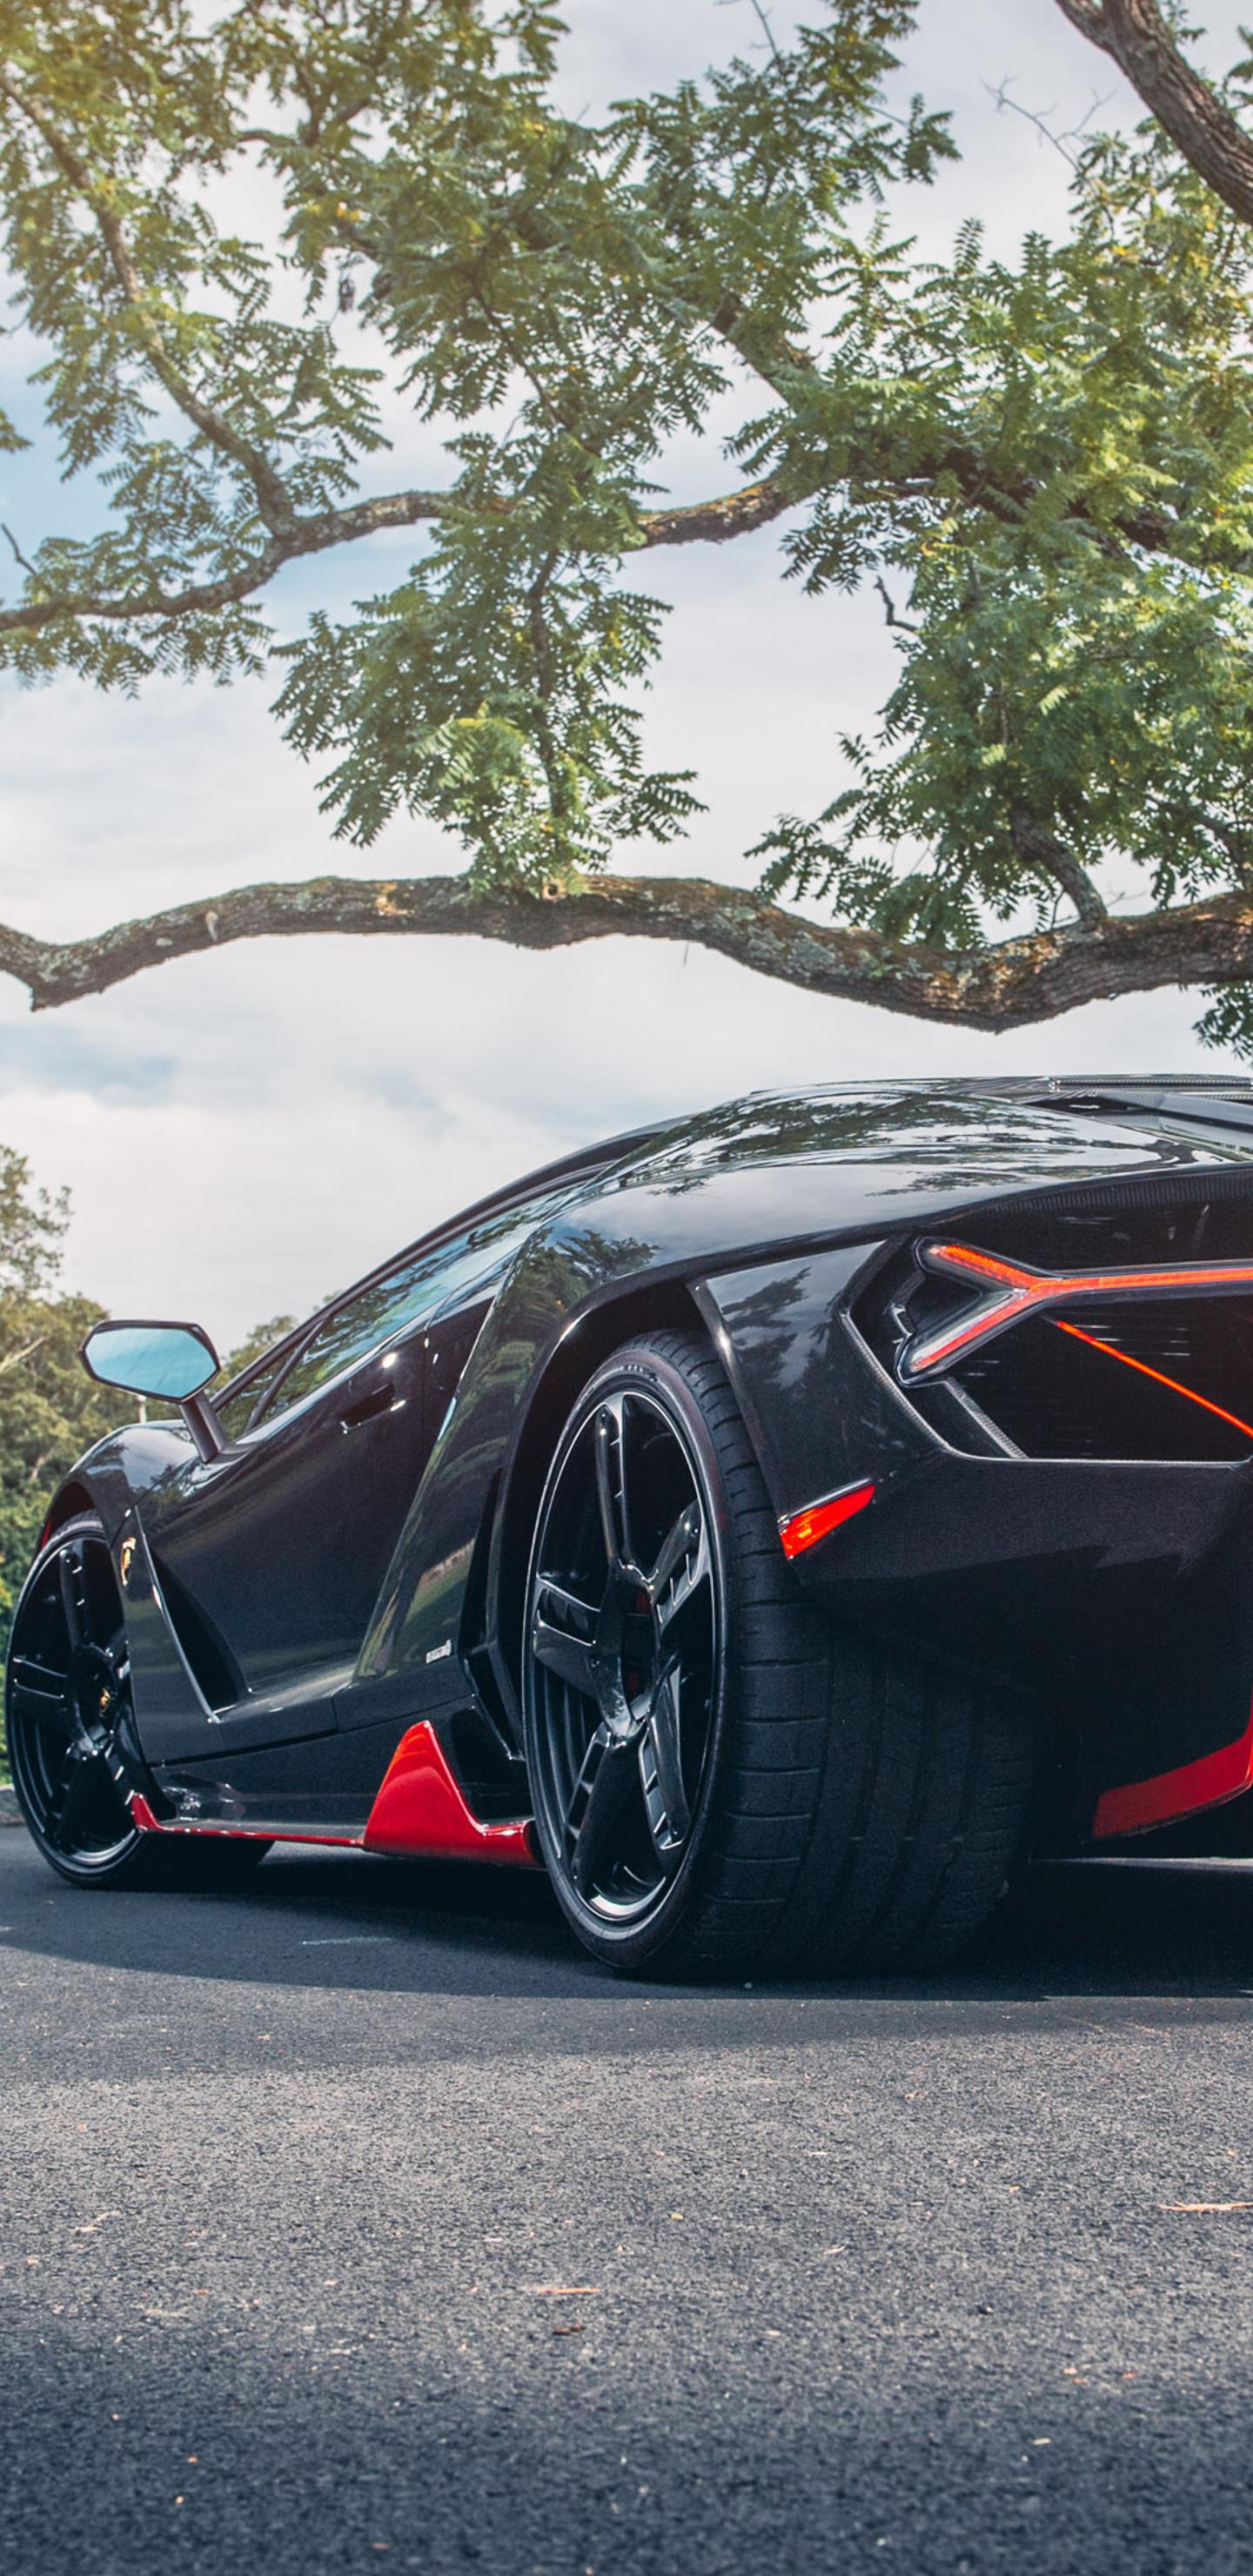 lamborghini-centenario-rear-car-xu.jpg